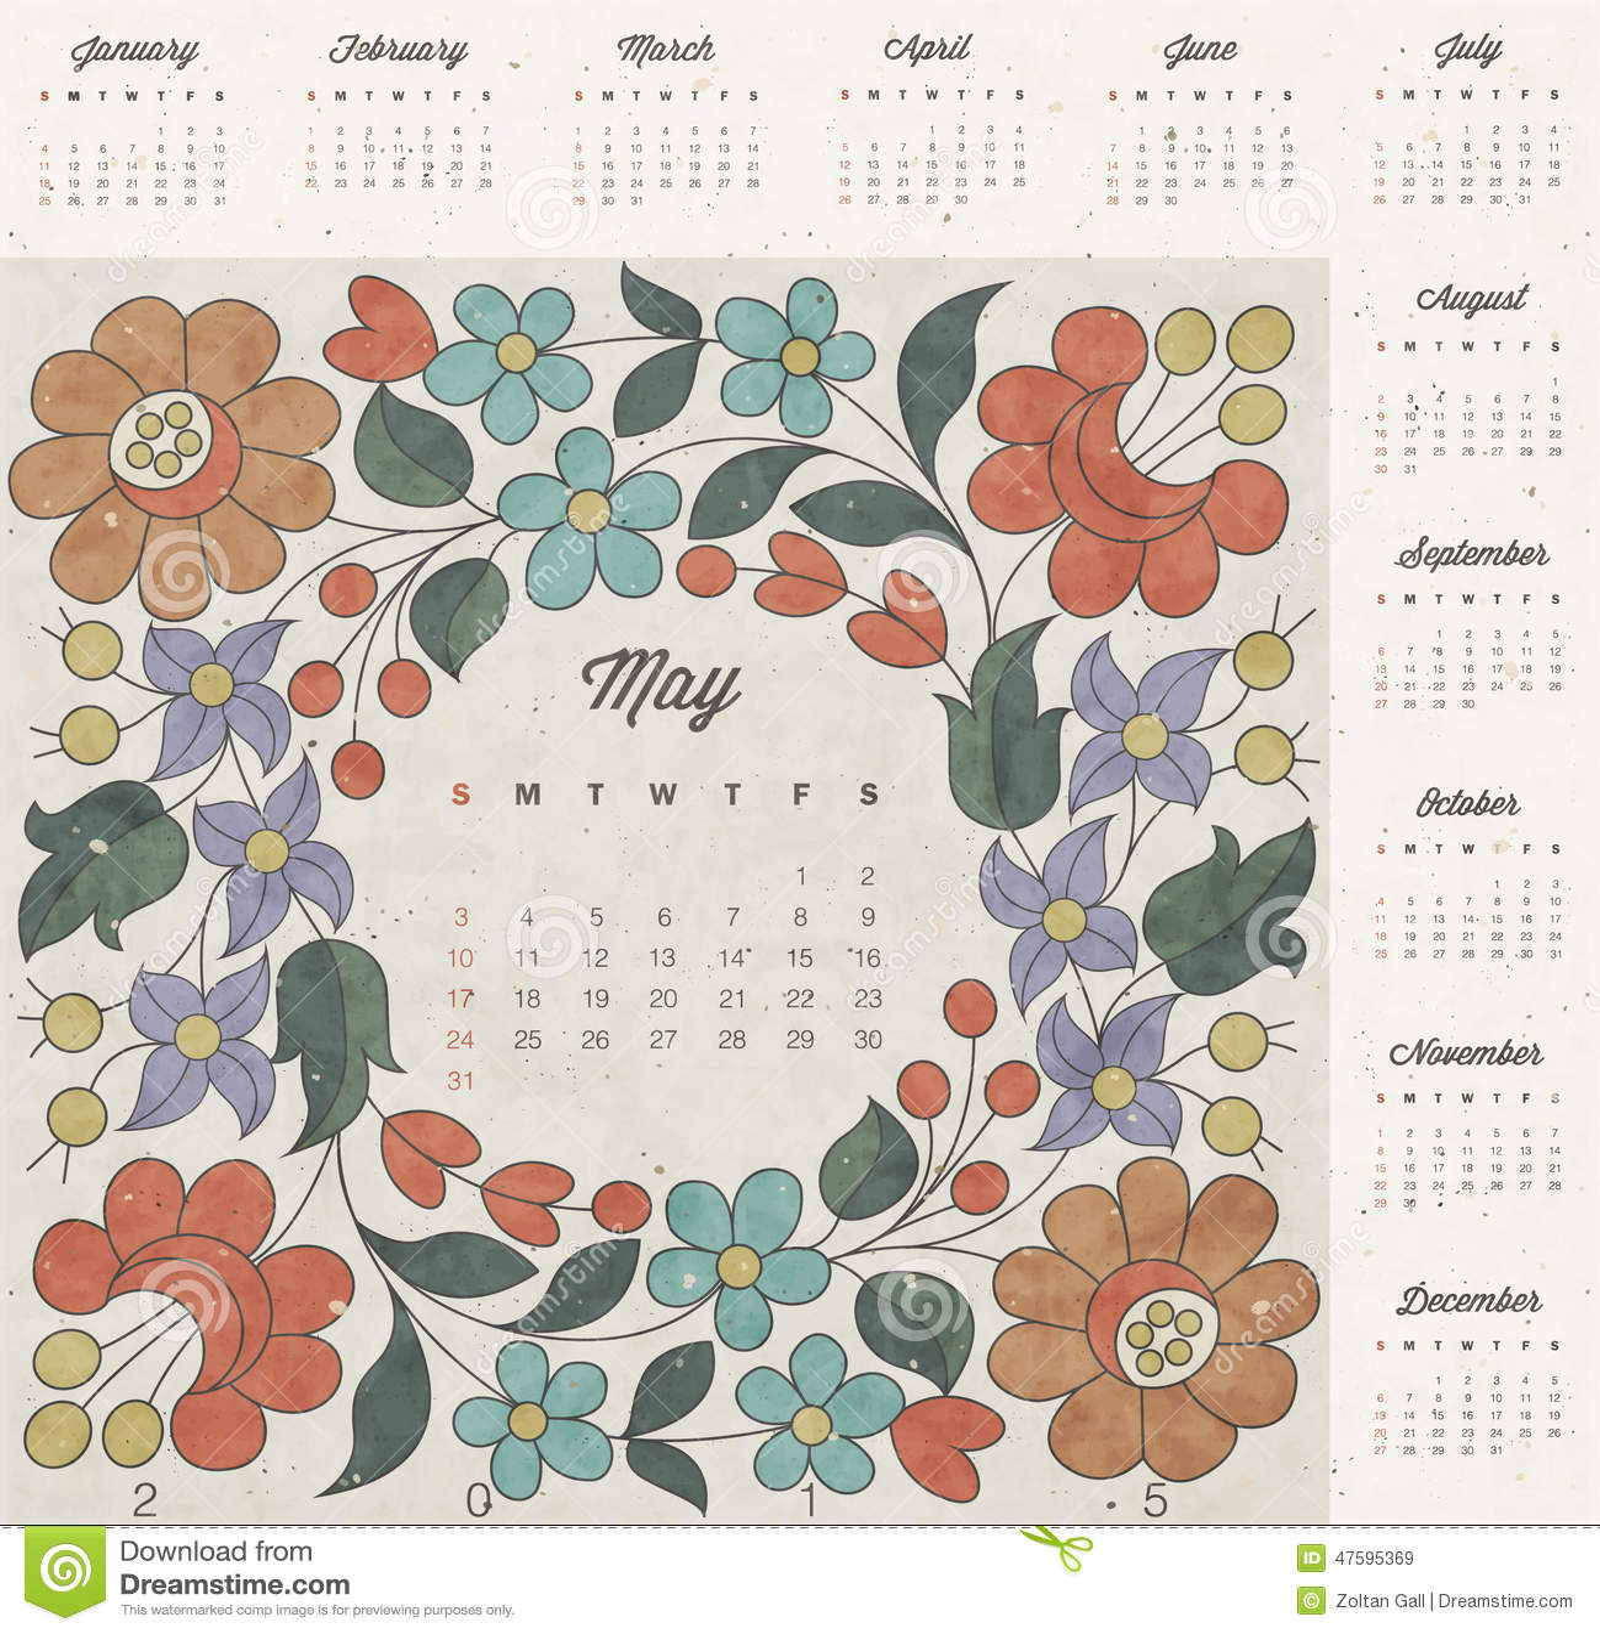 Retro Calendar Design : Retro vintage style calendar design vector